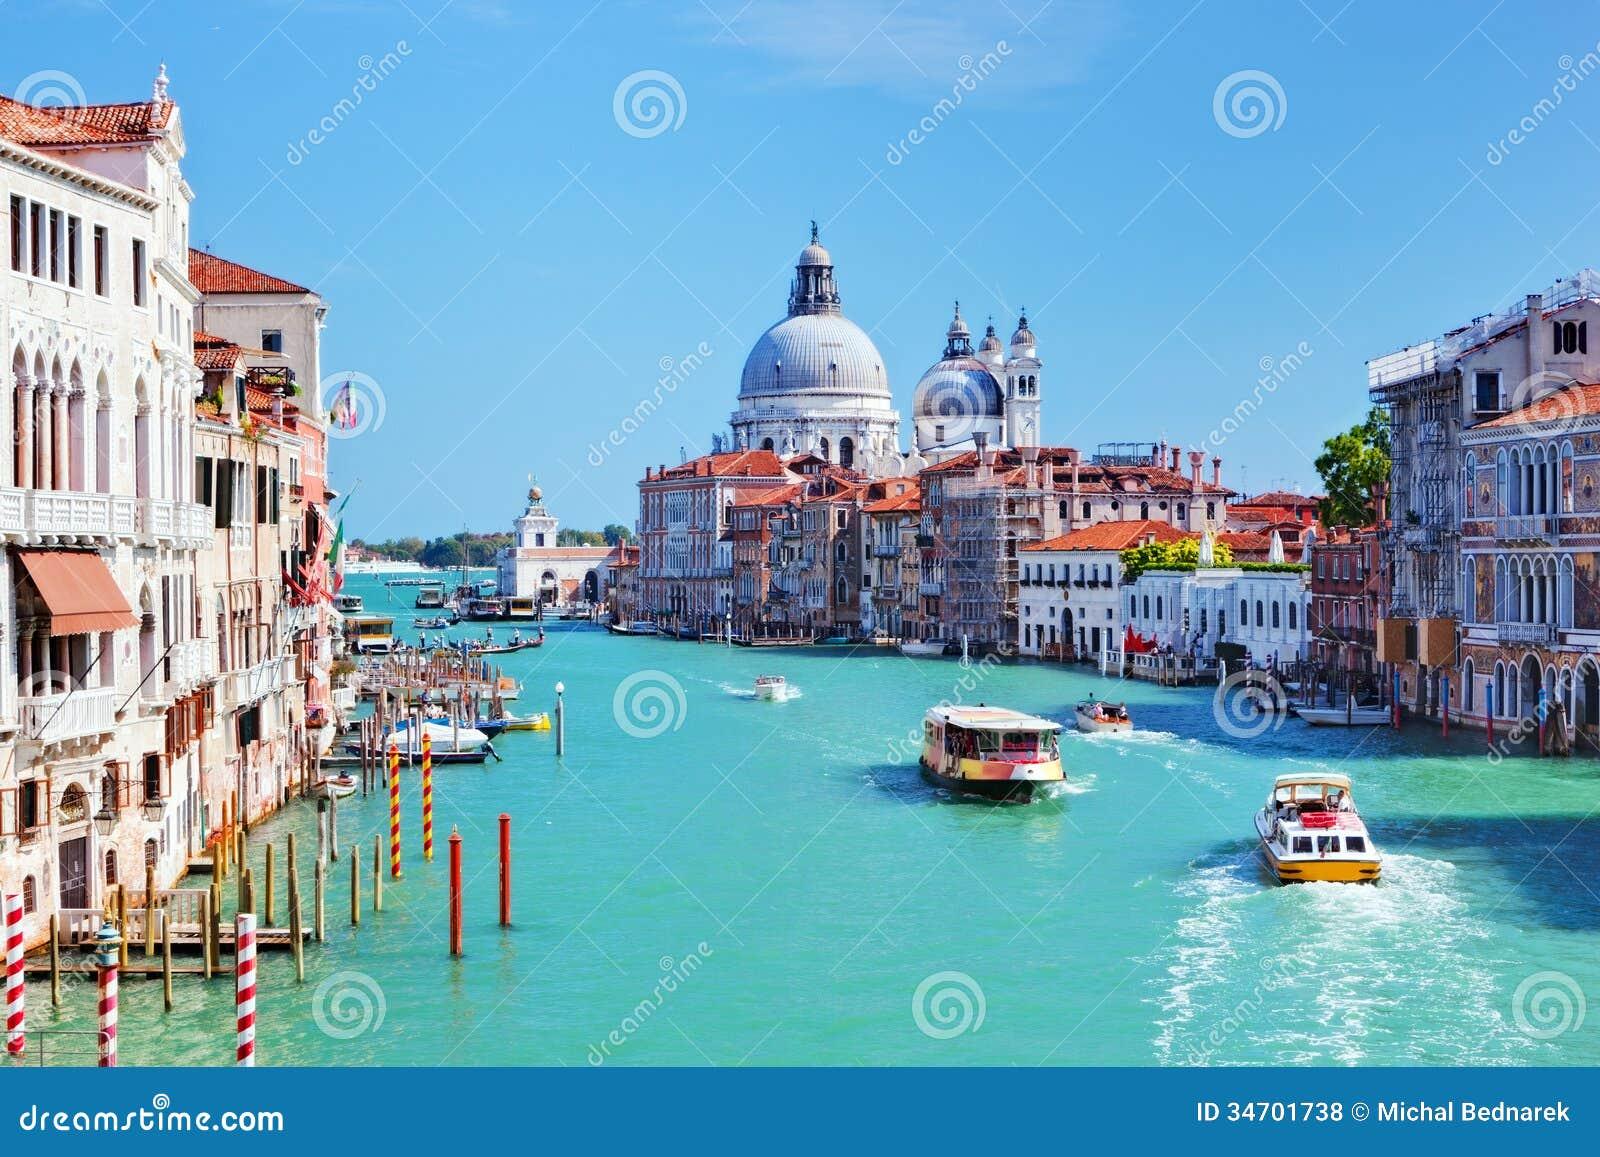 Βενετία, Ιταλία. Μεγάλος χαιρετισμός della της Σάντα Μαρία καναλιών και βασιλικών